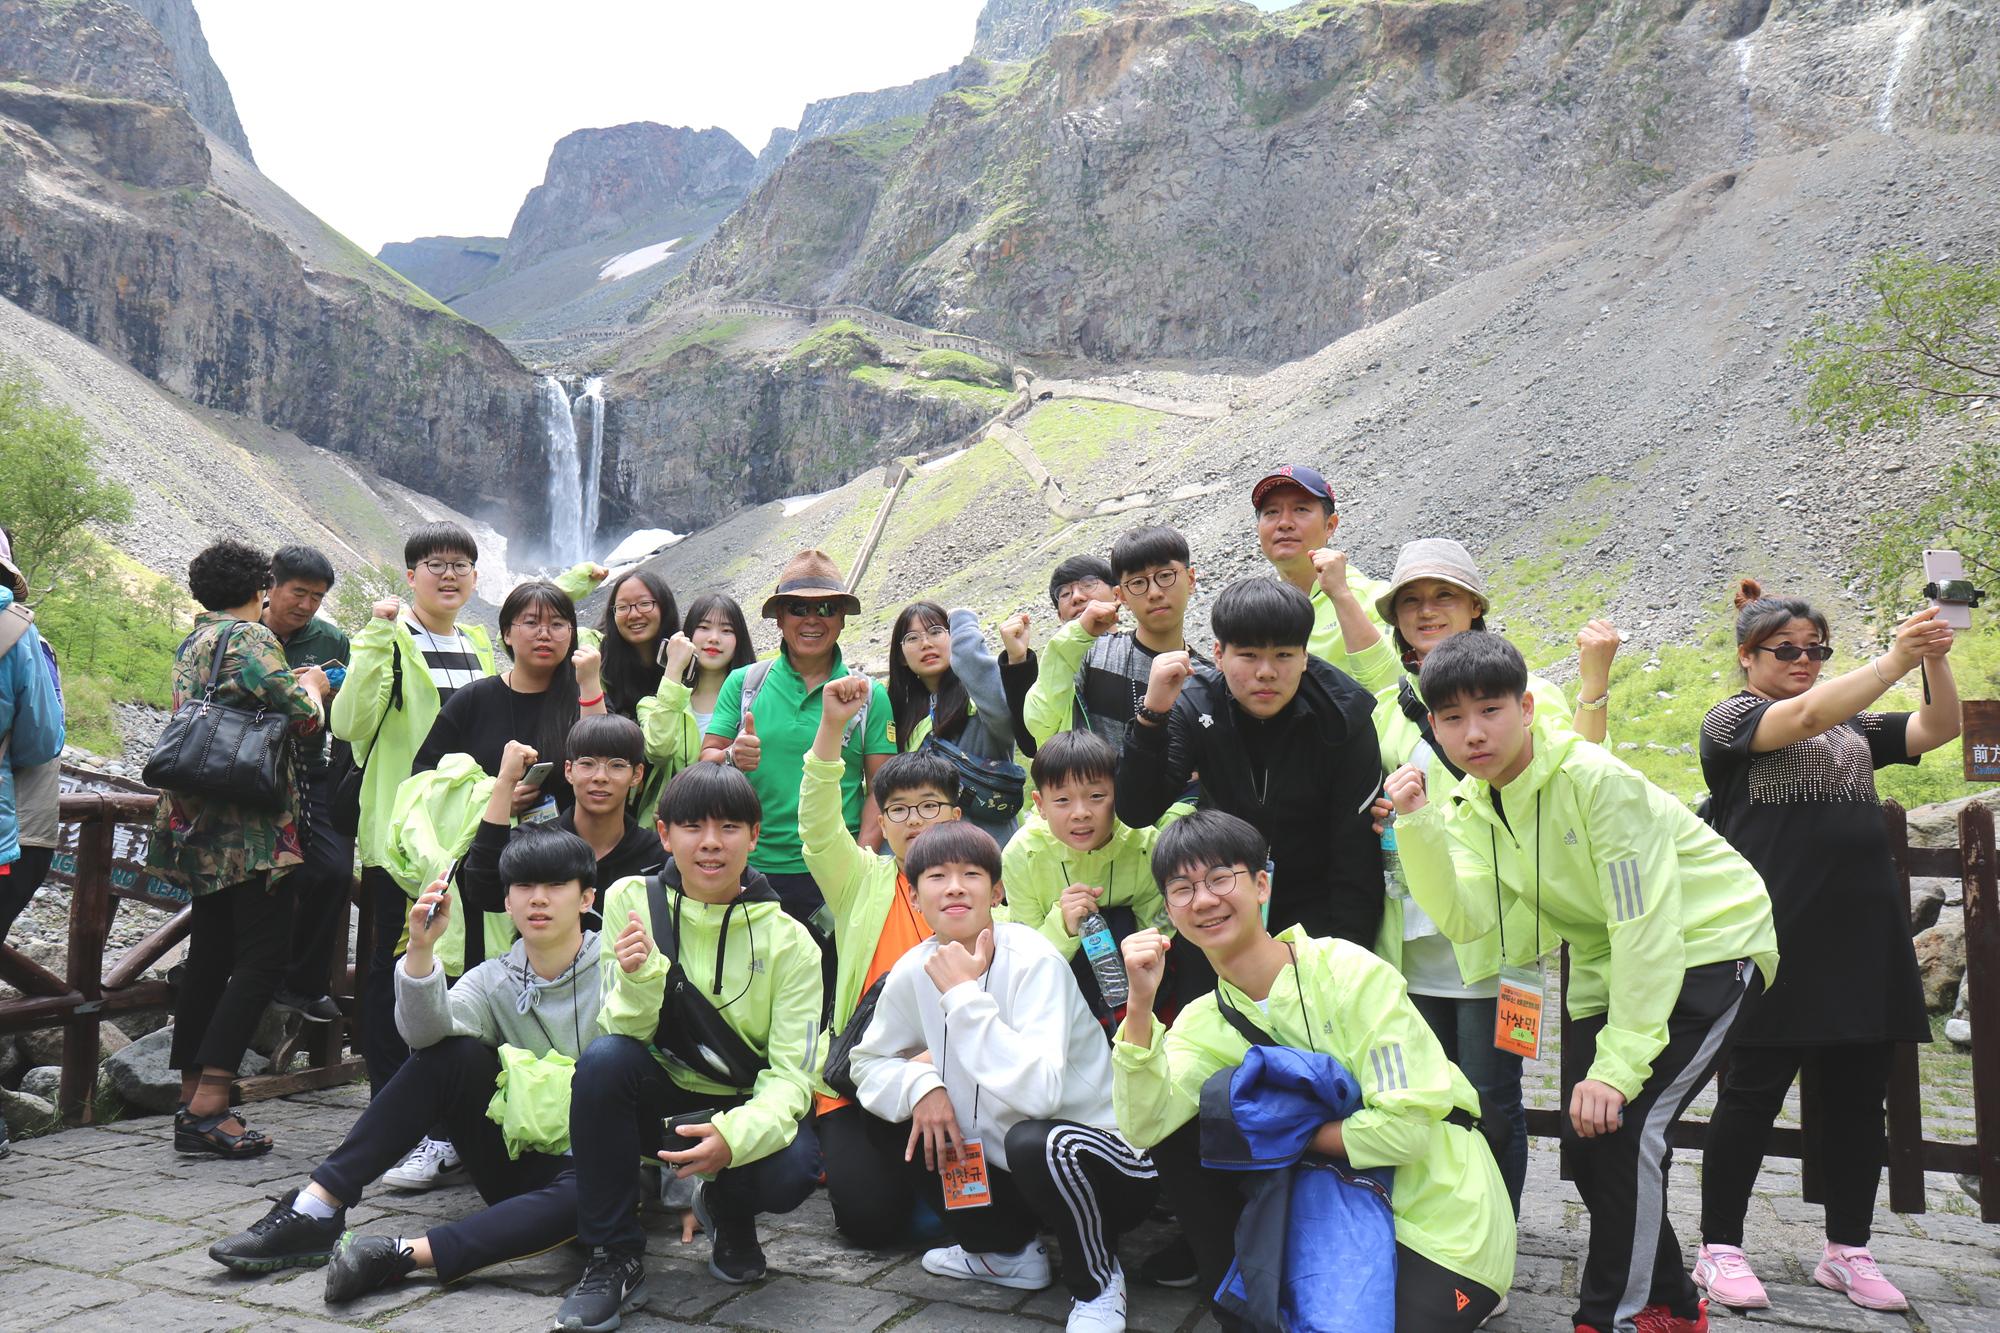 엄홍길 대장과 함께하는 백두산 비전캠프에 참여했던 승우와 중·고등학생 참가자들